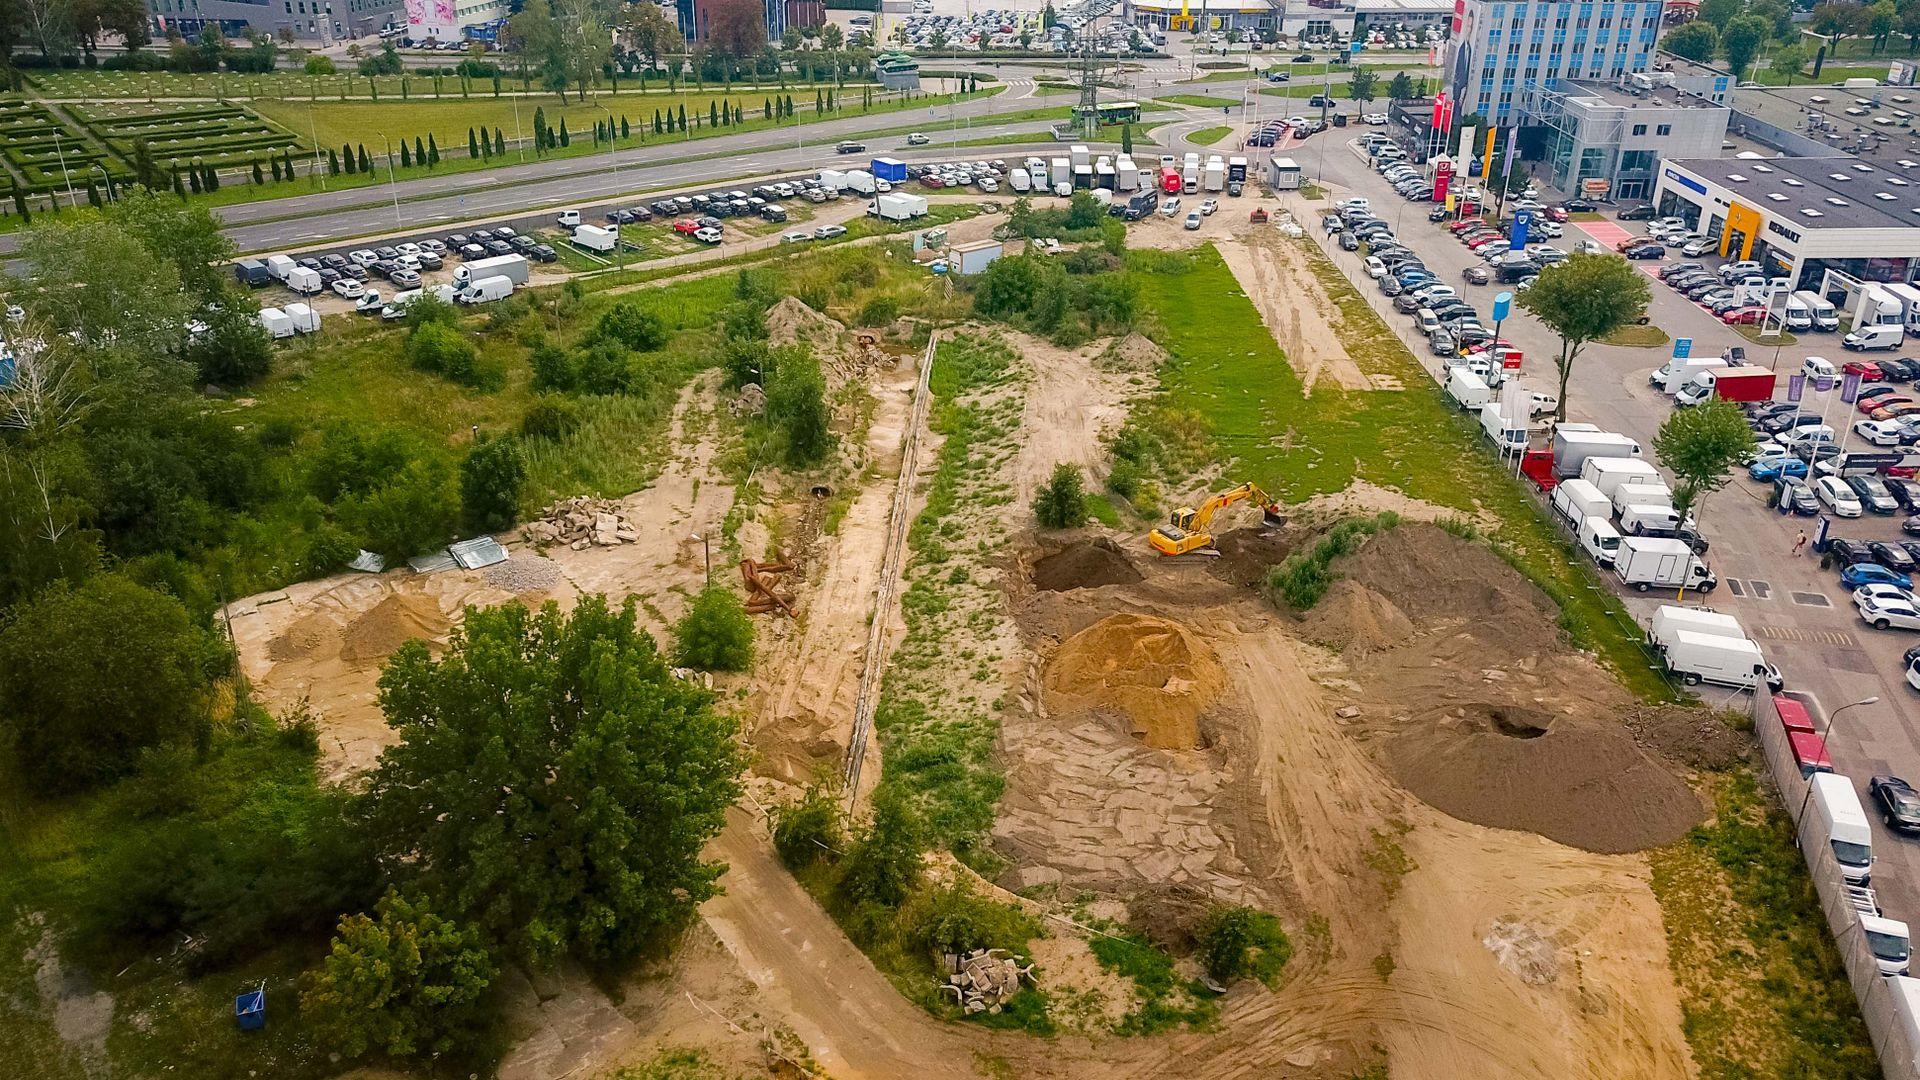 Wrocław: Archicom z pozwoleniem na budowę setek mieszkań przy Karkonoskiej. Mieszkańcy skarżą się wojewodzie